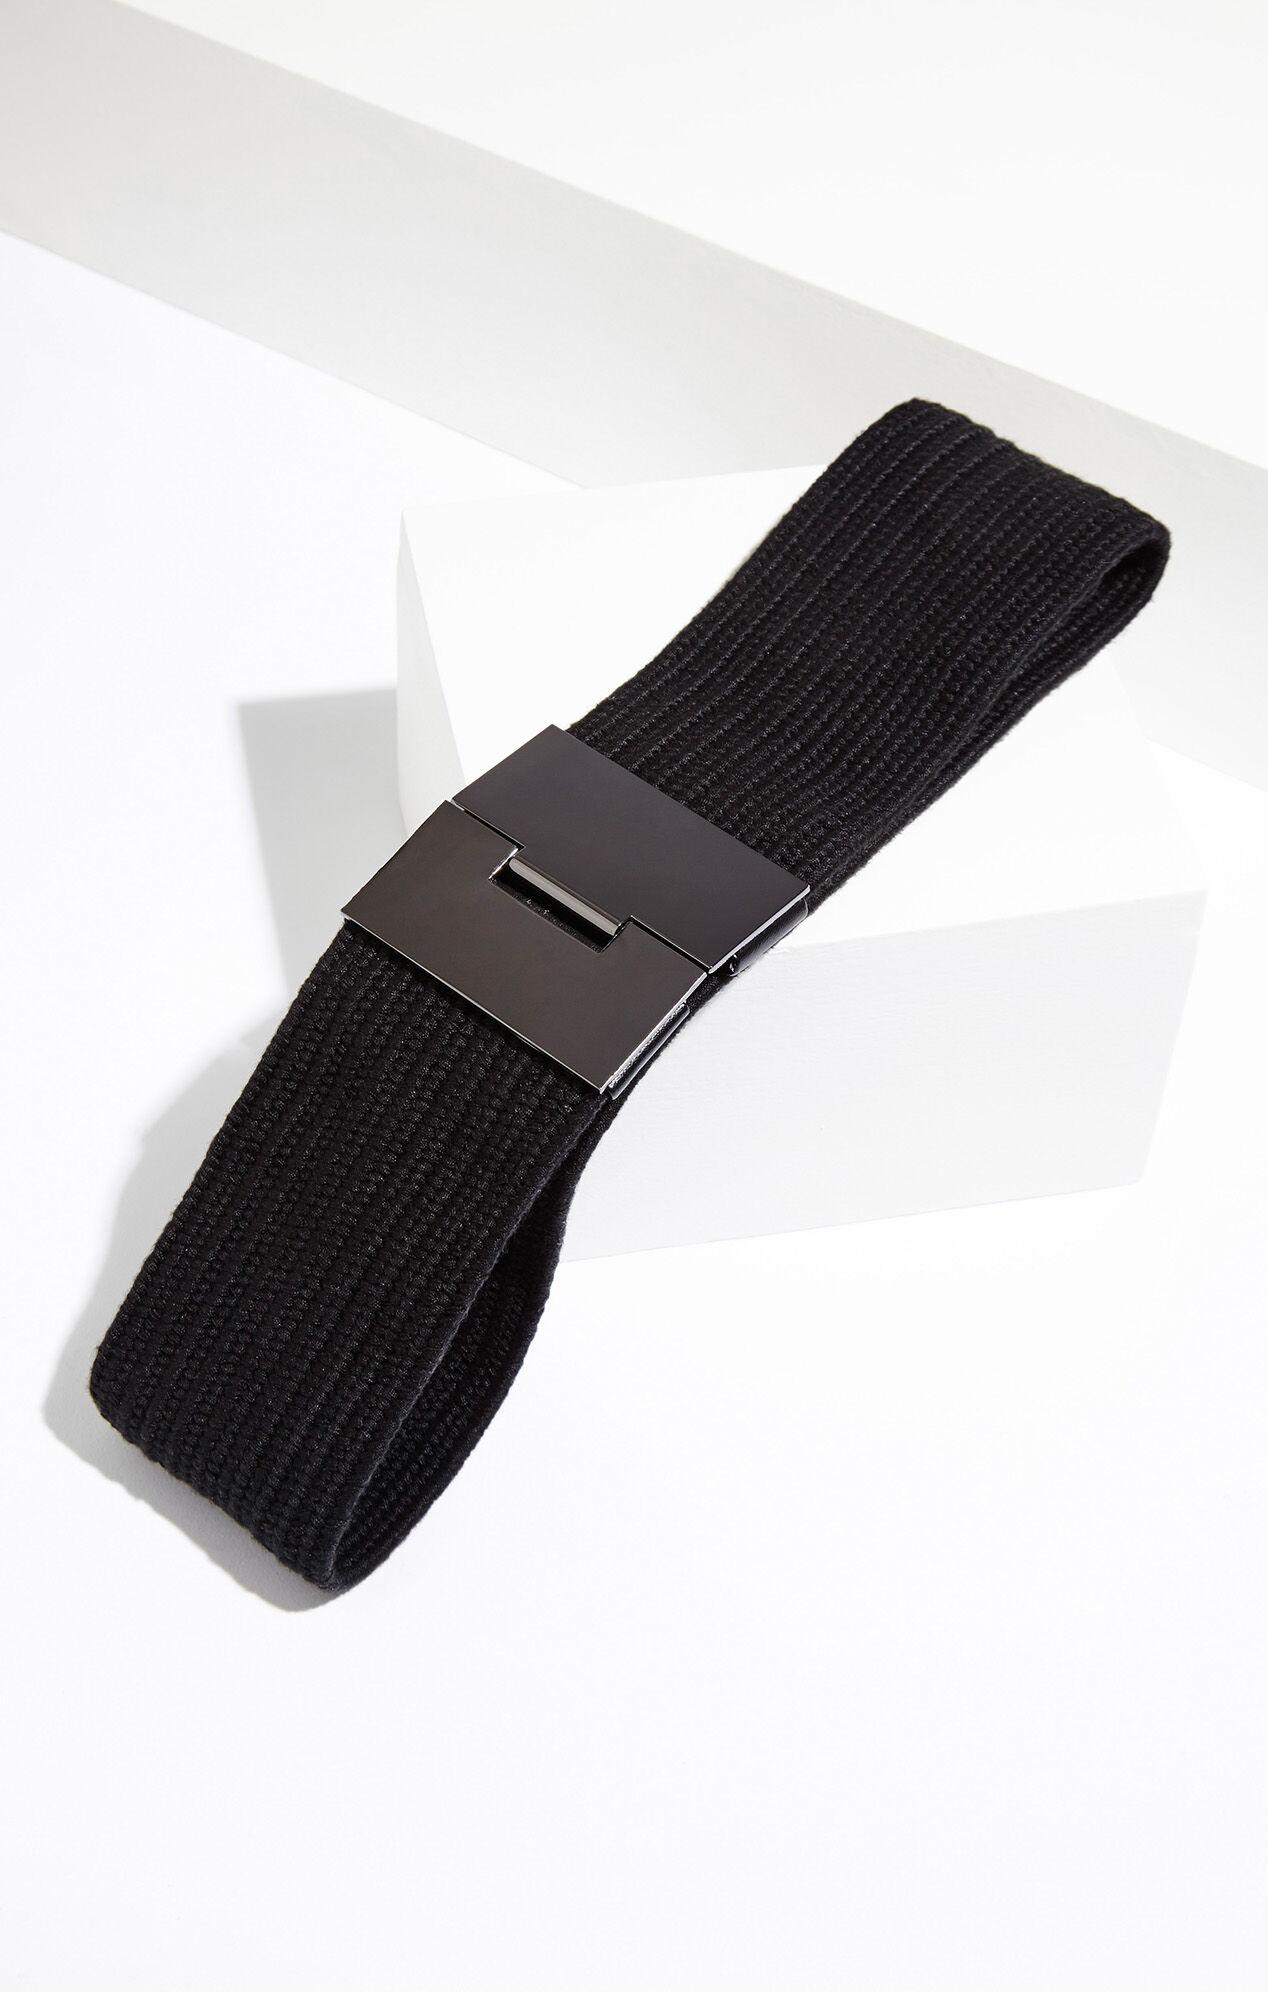 Online Shop for plate waist belt Promotion on Aliexpress Find the best deals hot plate waist belt. Top brands like baoxiu, bestybt, Sterglaw, Liva girl, KLV, hirigin, Giraffita, feitong, HEALMEYOU, IFENDEI for your selection at Aliexpress.